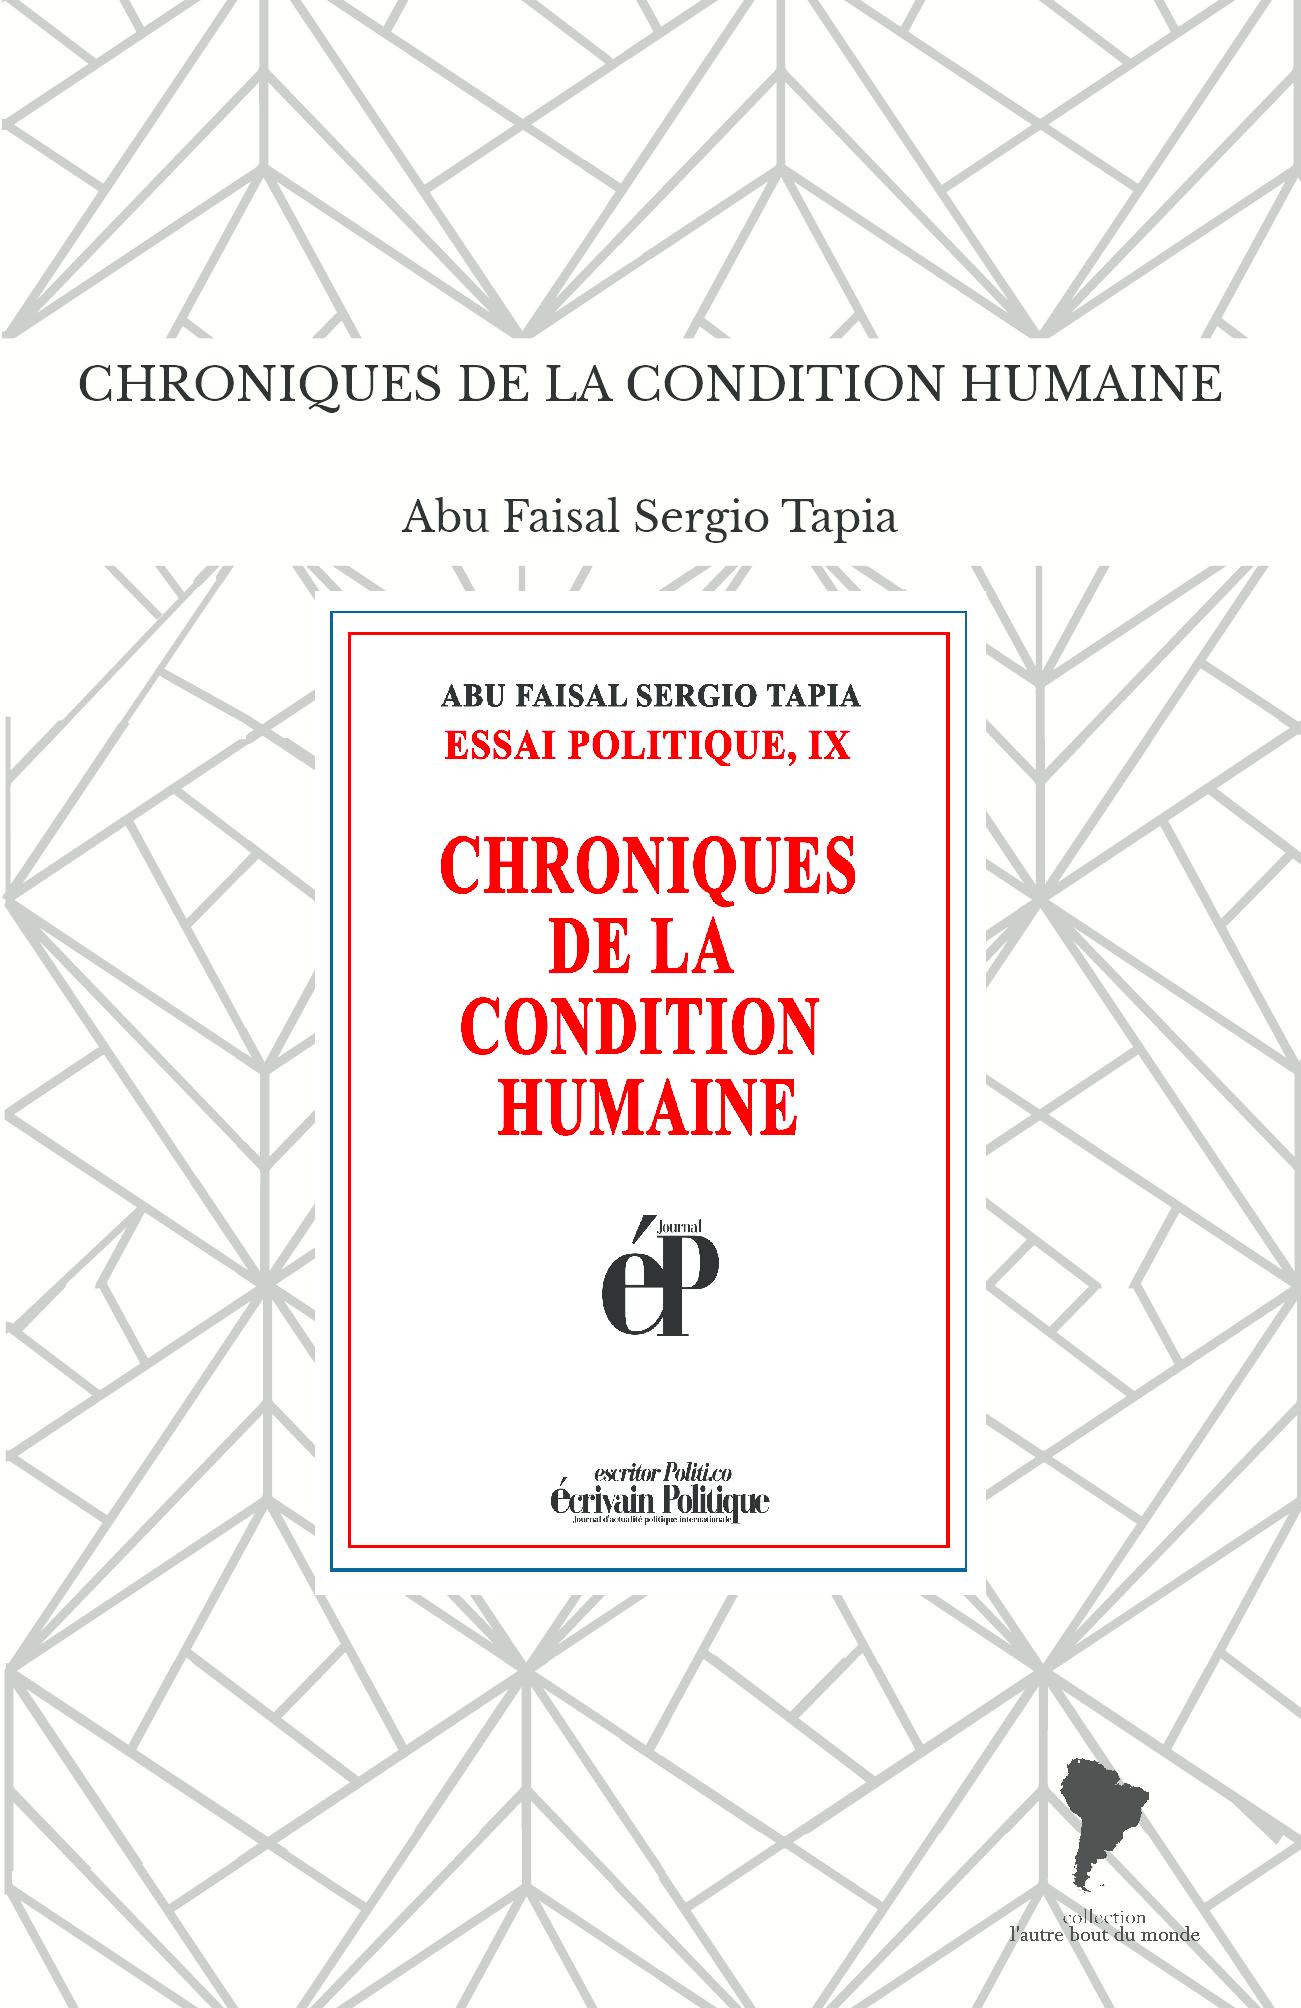 CHRONIQUES DE LA CONDITION HUMAINE